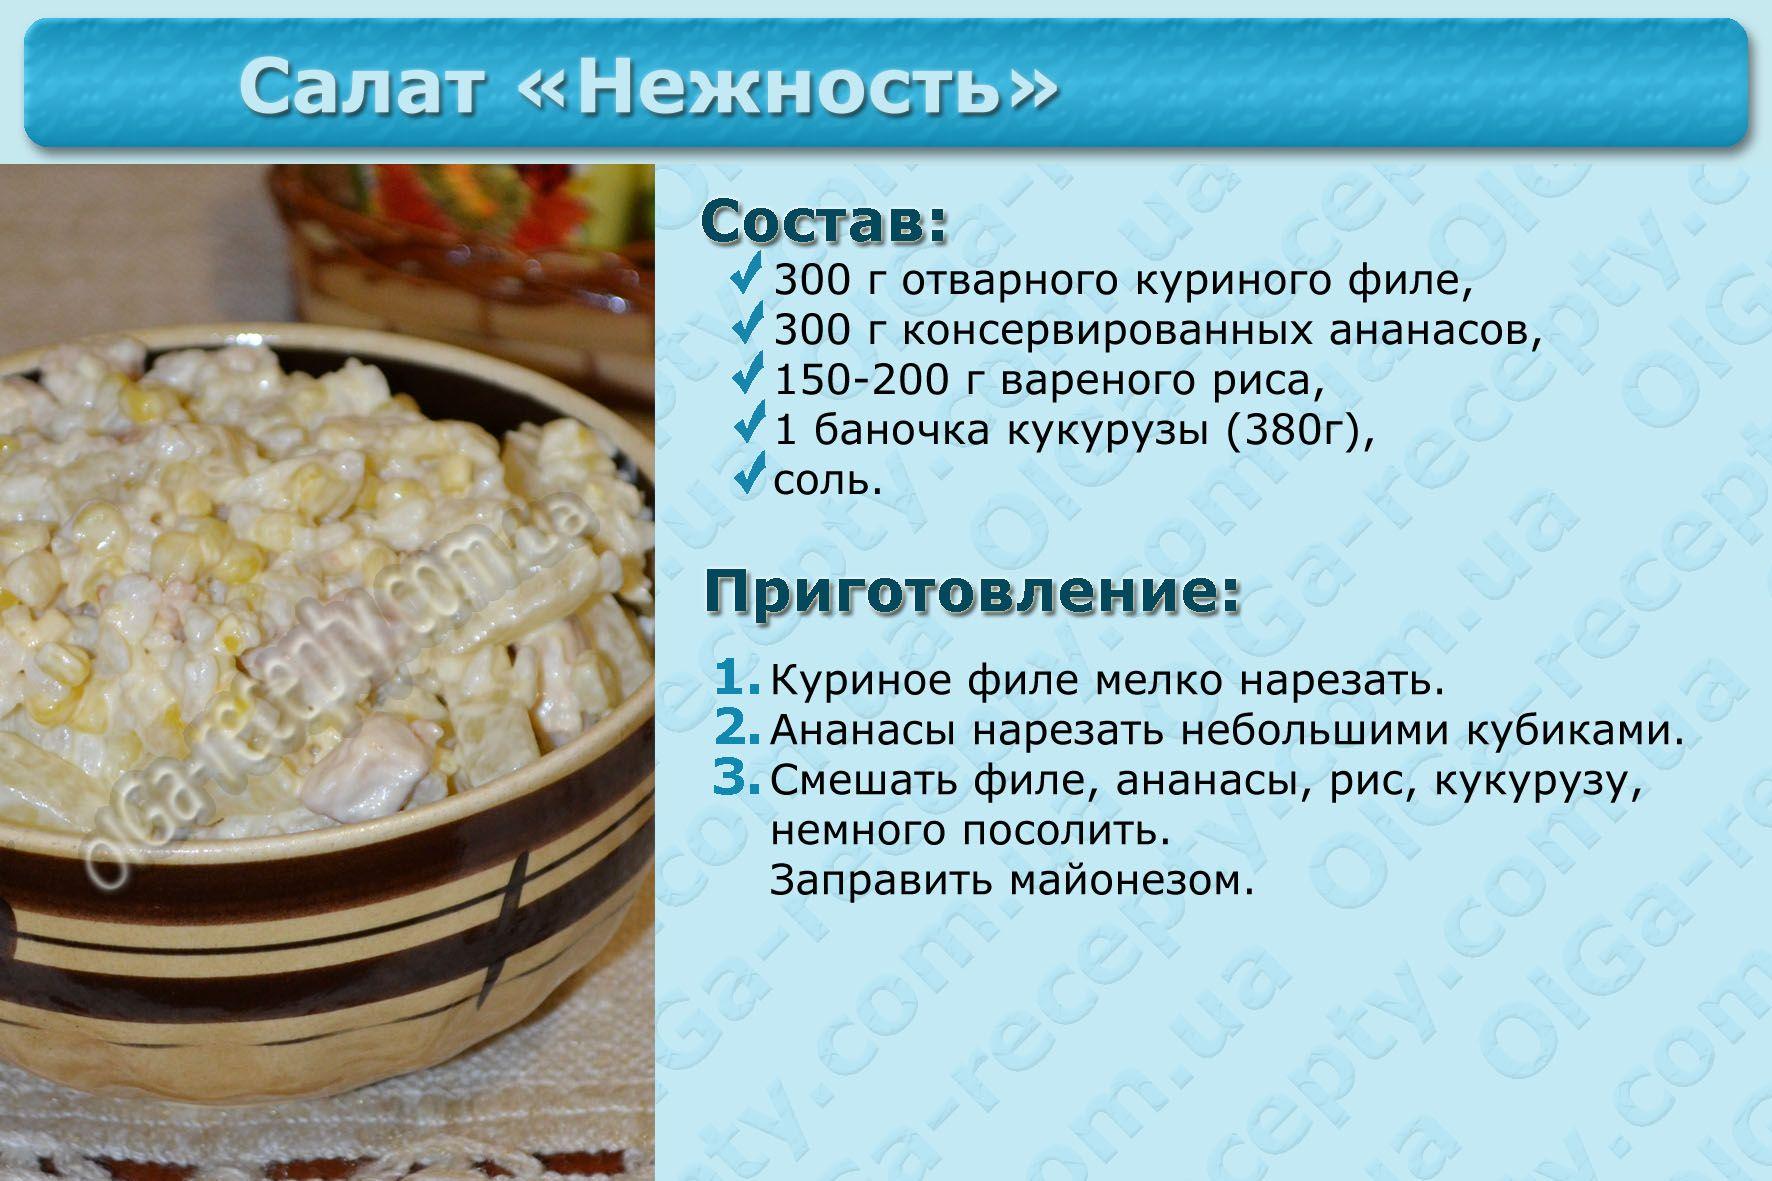 салаты с картинкой и рецептом что